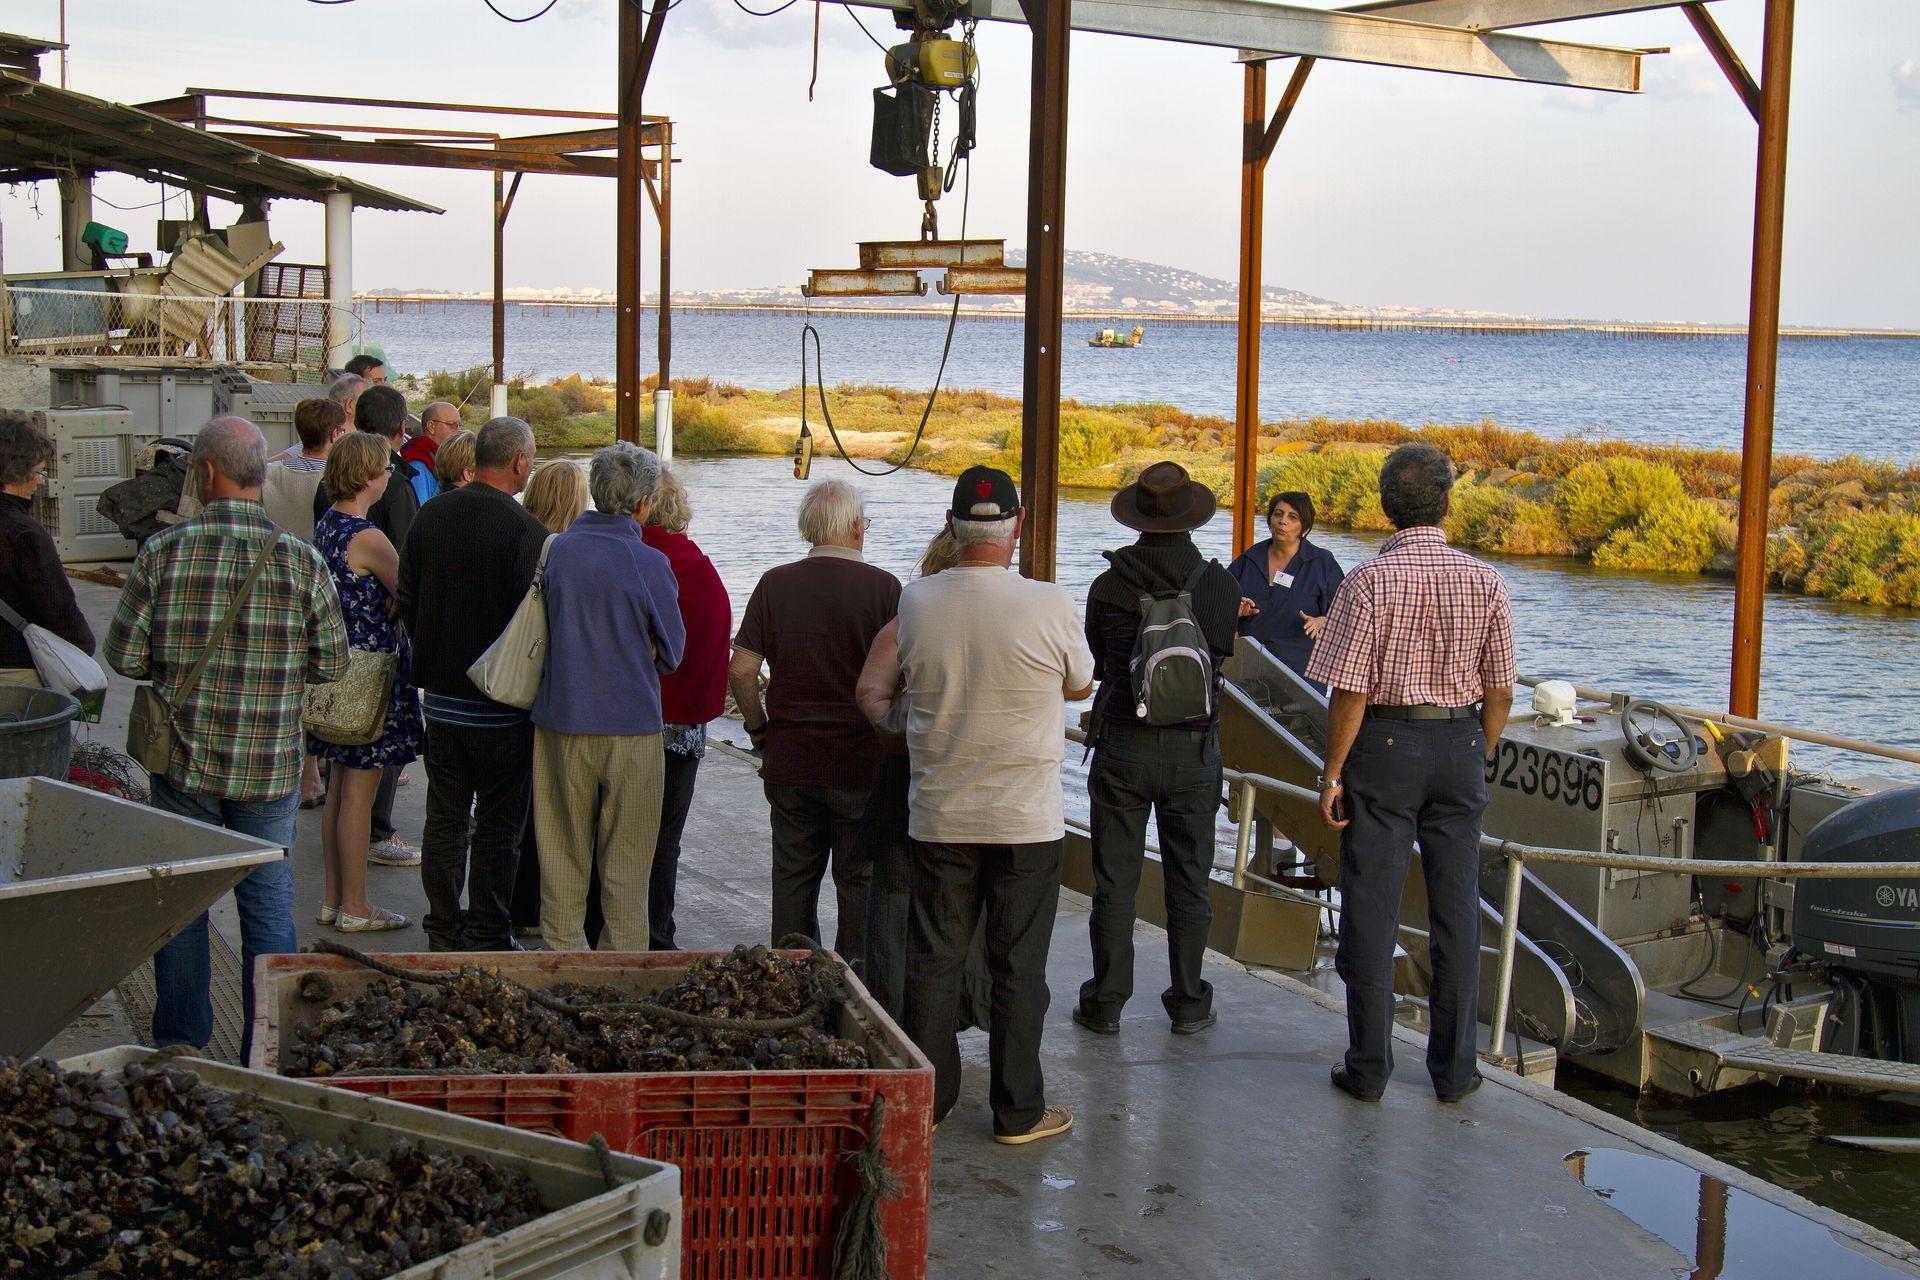 Groupe d'amis qui visitent le mas conchylicole de Karine et Yvan Caussel, La Noisette d'Oc, à Mèze face à la lagune de Thau